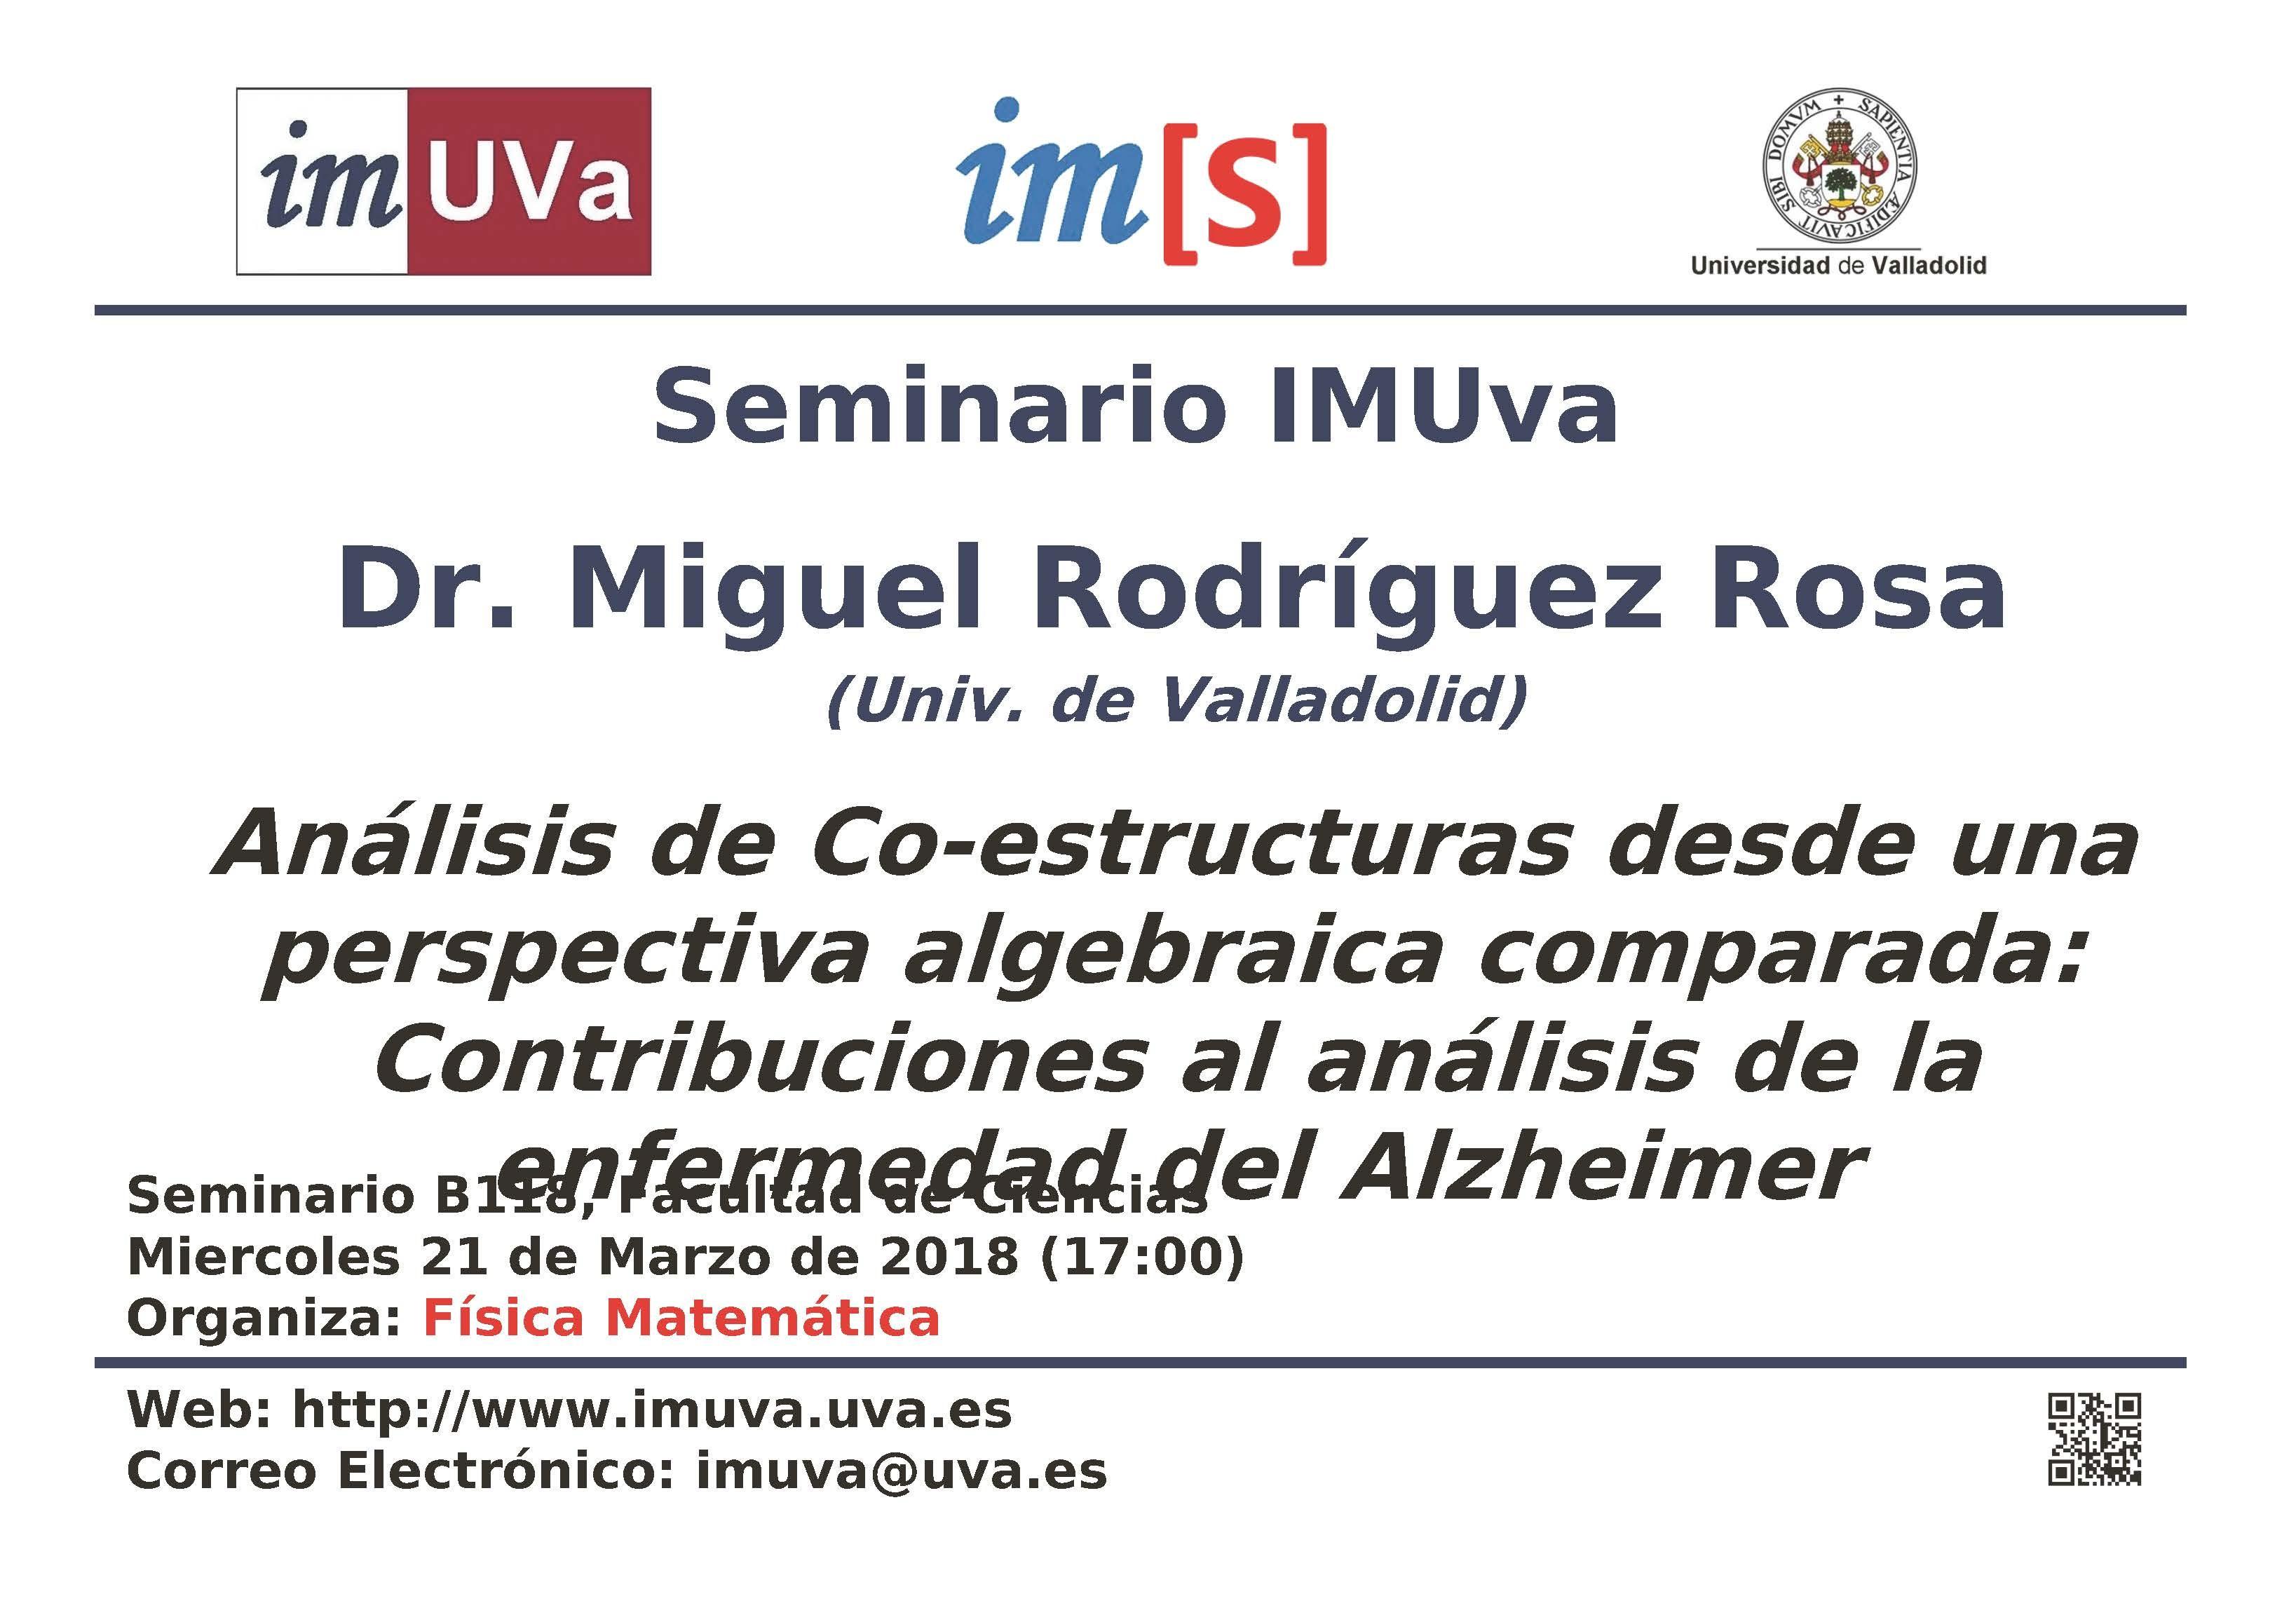 """Seminario IMUVa """"Análisis de Co estructuras desde una perspectiva algebraica parada Contribuciones al análisis de la enfermedad del Alzheimer"""""""